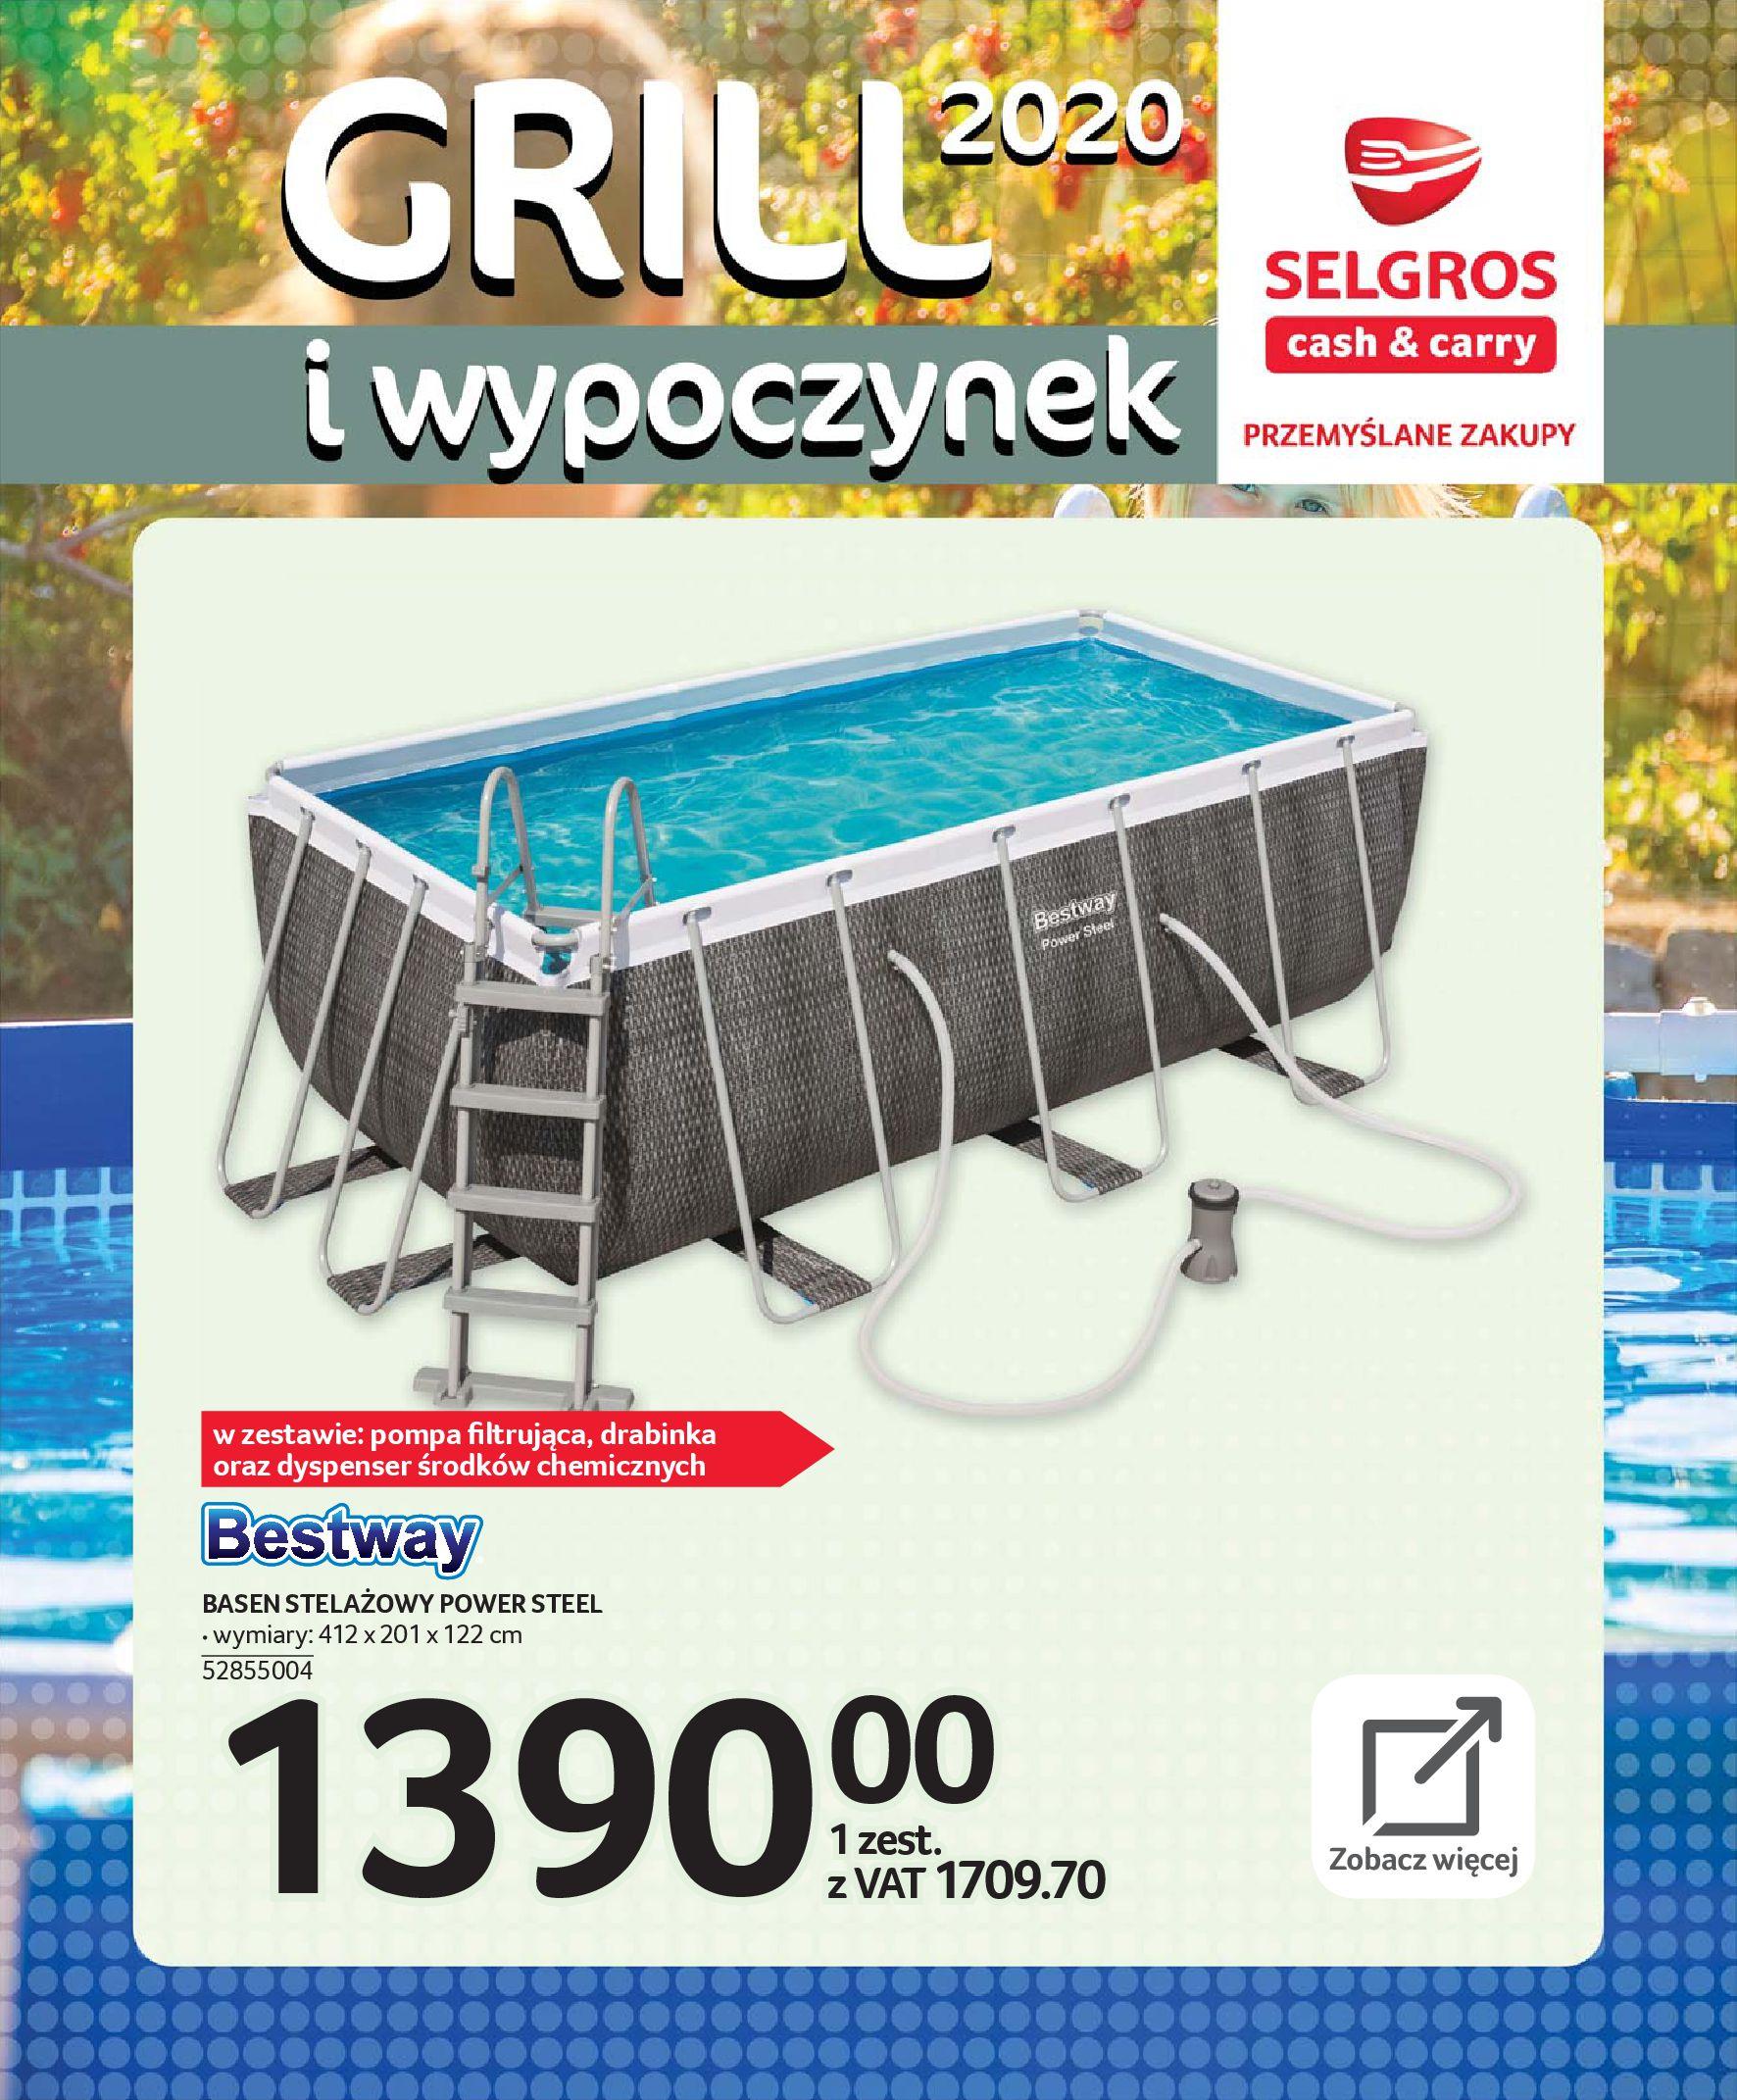 Gazetka Selgros - Katalog - Grill i wypoczynek-31.03.2020-31.08.2020-page-86